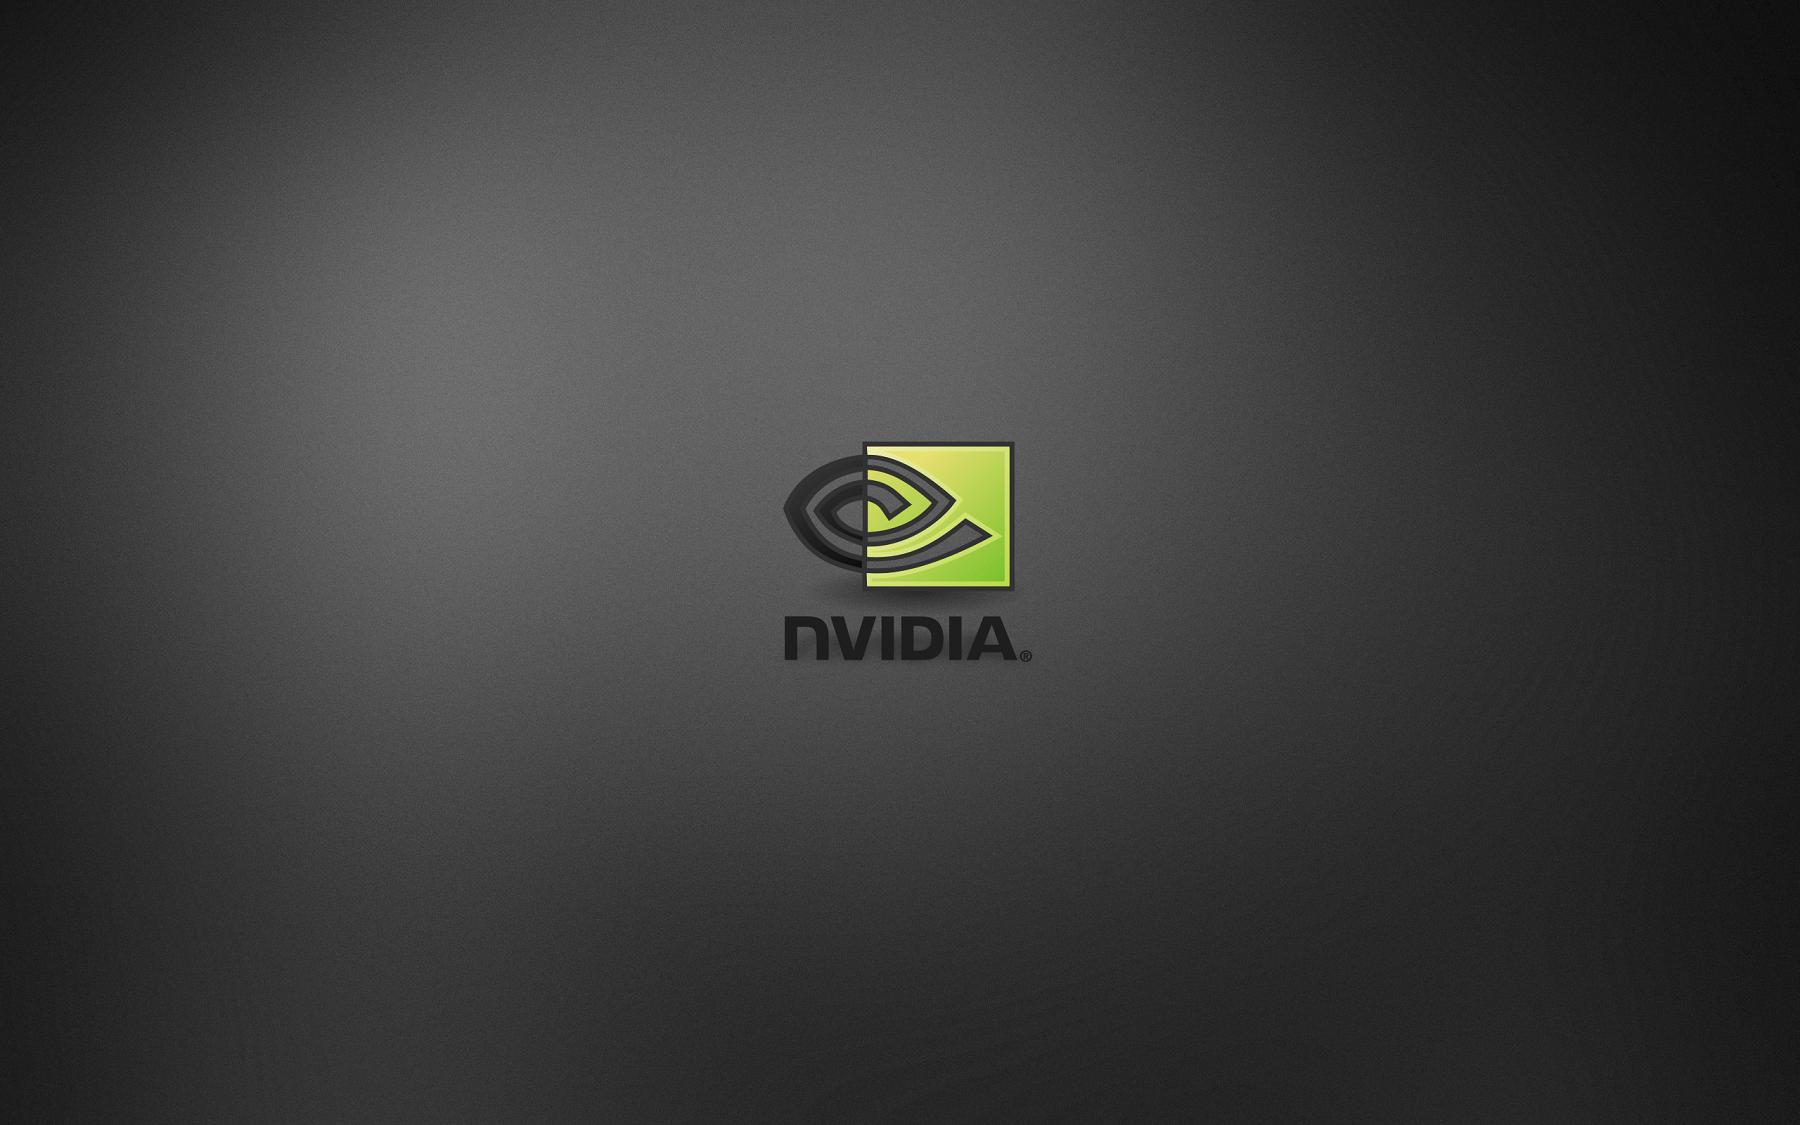 Nvidia Wallpaper 34